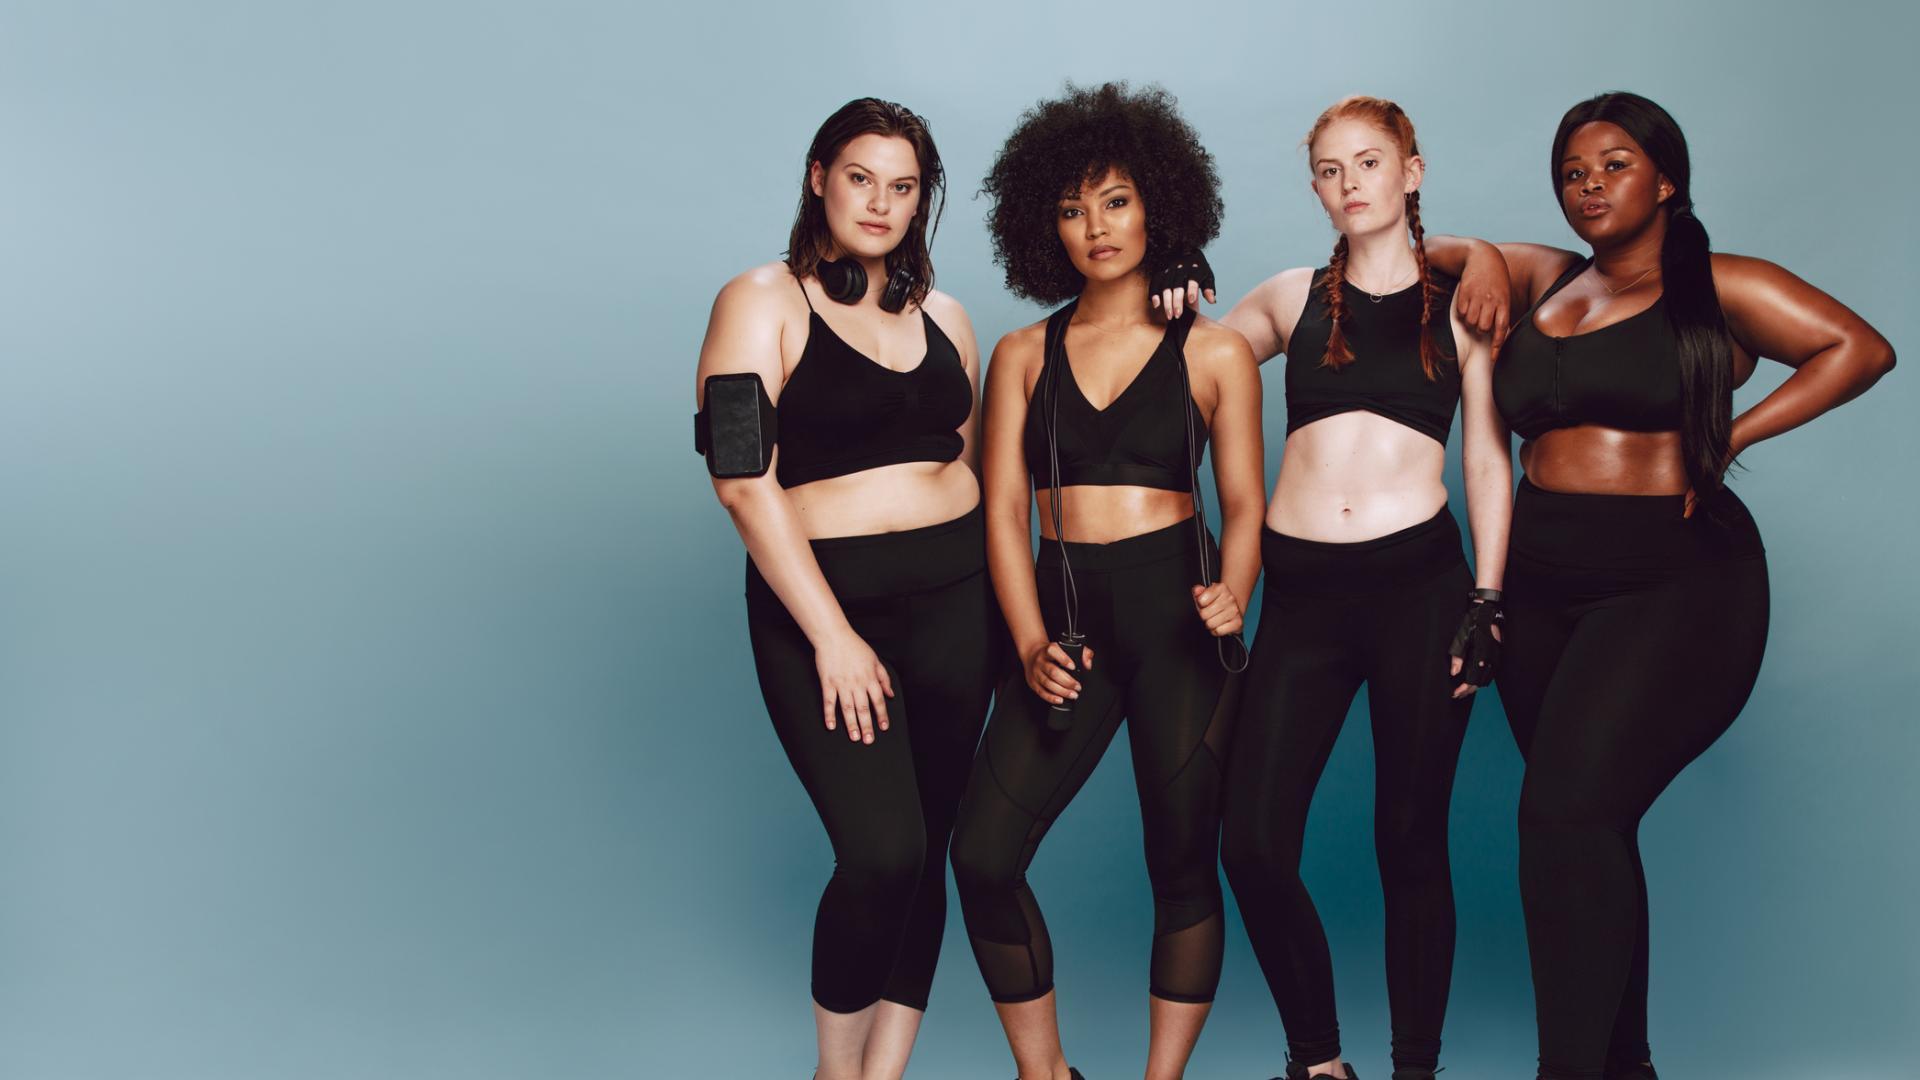 Frauengruppe, Sport, Kampf